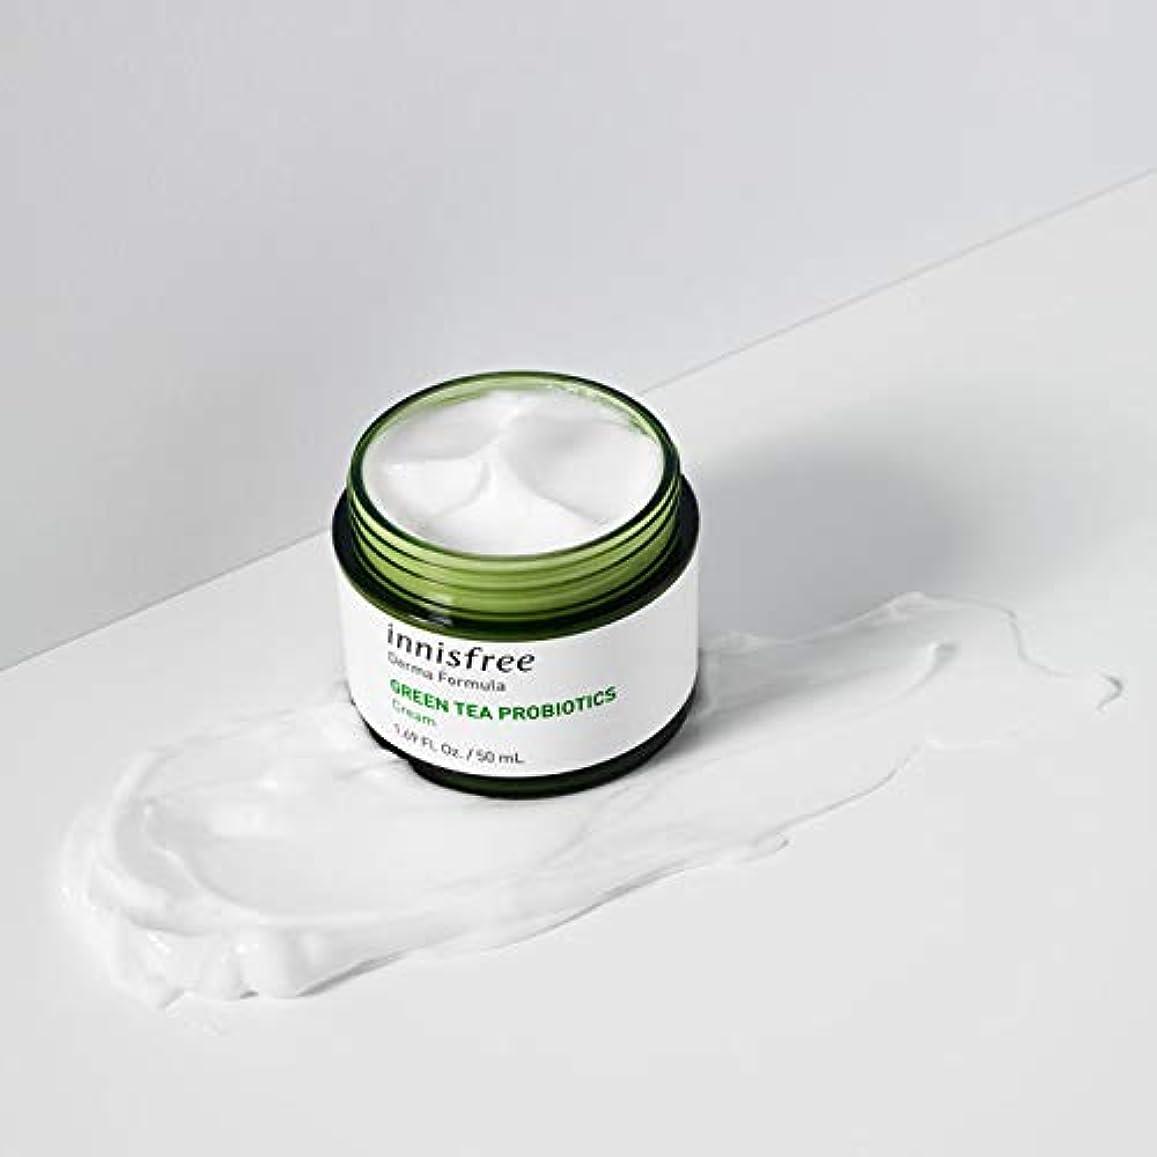 いらいらさせるモザイク口実[イニスフリー.innisfree]ダーマフォーミュラグリーンティープロバイオティクスクリーム50mL(2019.09 new)/ Derma Formula Green Tea Probiotics Cream